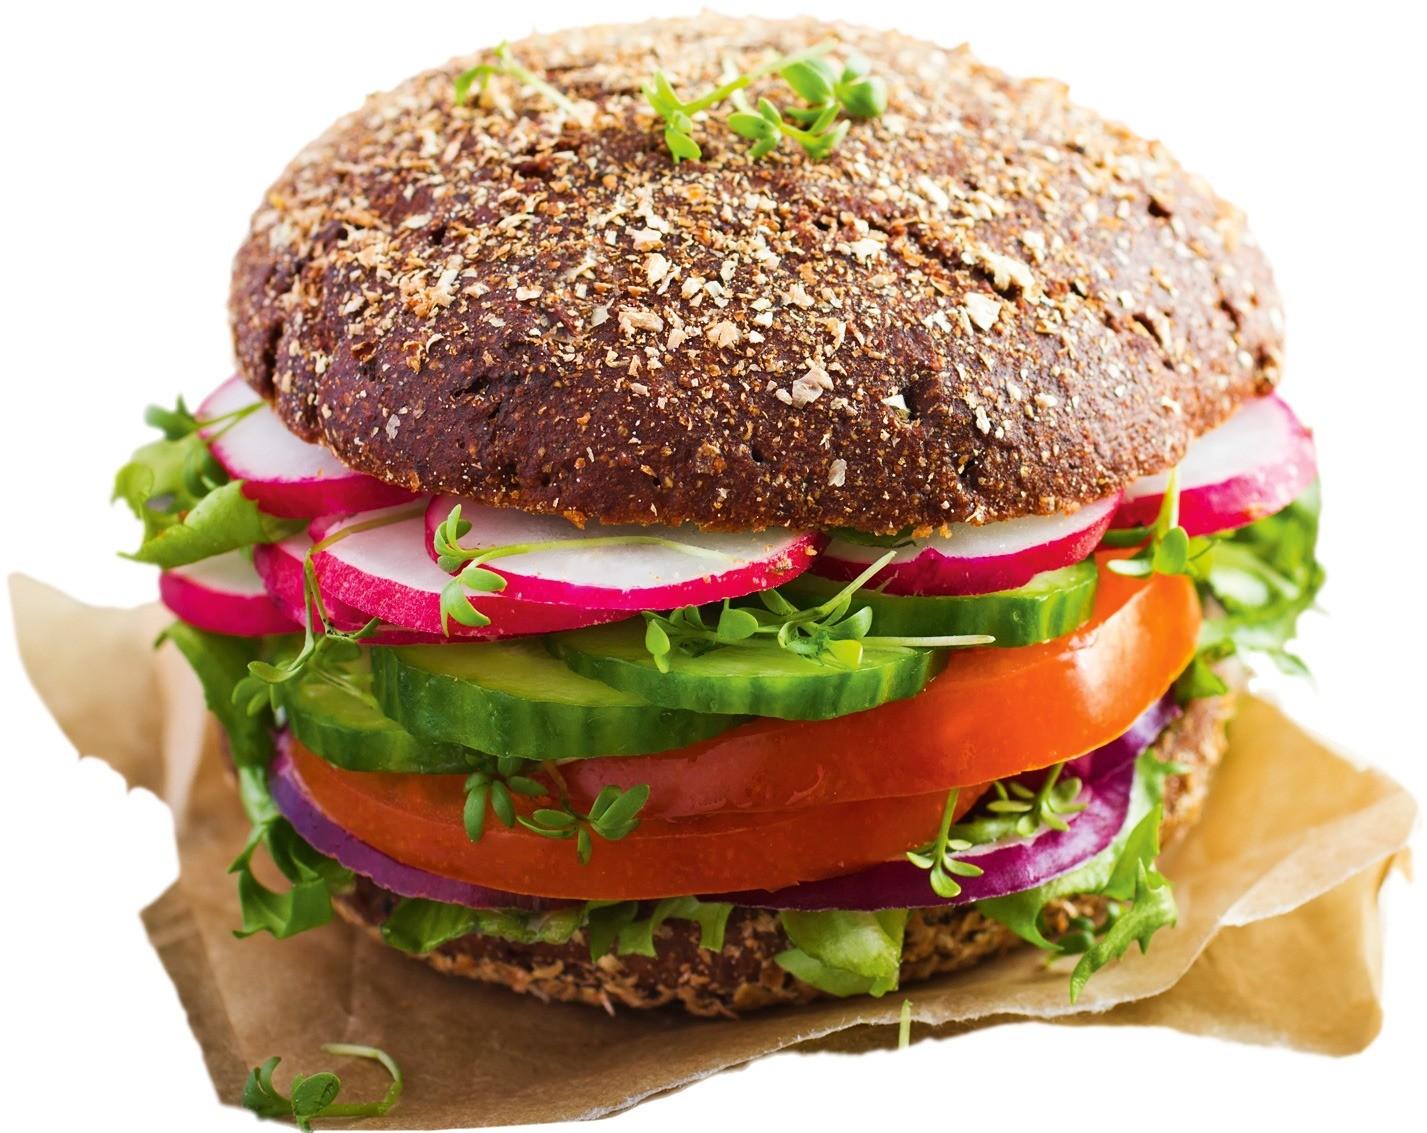 Во многих кафе быстрого питания стали делать бургеры на булочках из цельнозерновой муки. Еще одна полезная тенденция – отказ от жирных сортов мяса и покупных соусов и замена мясных котлет...